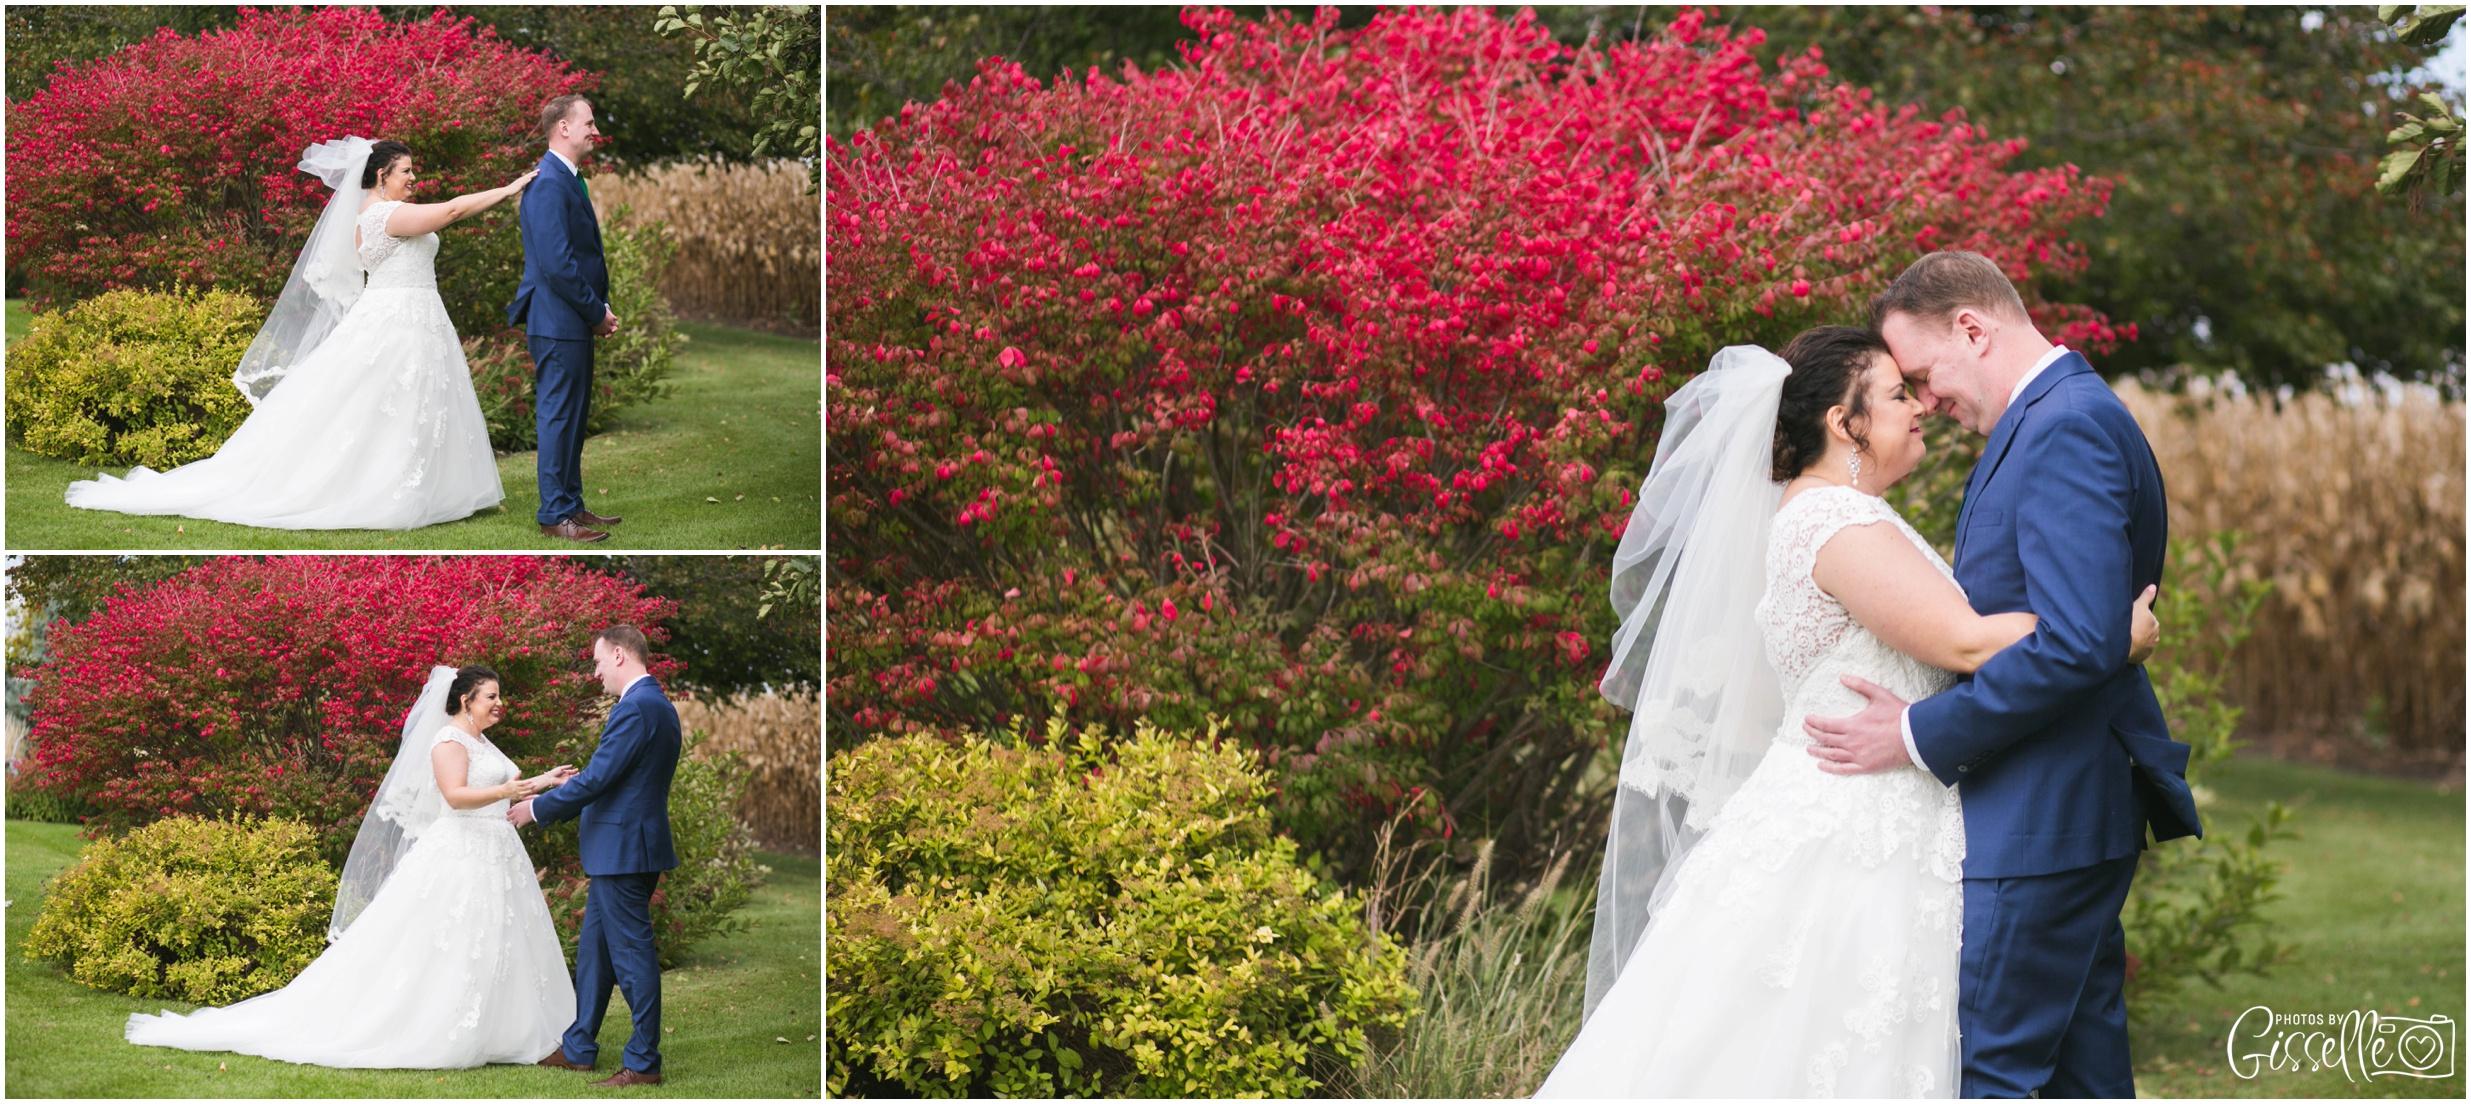 Blumen Gardens Wedding_0063.jpg